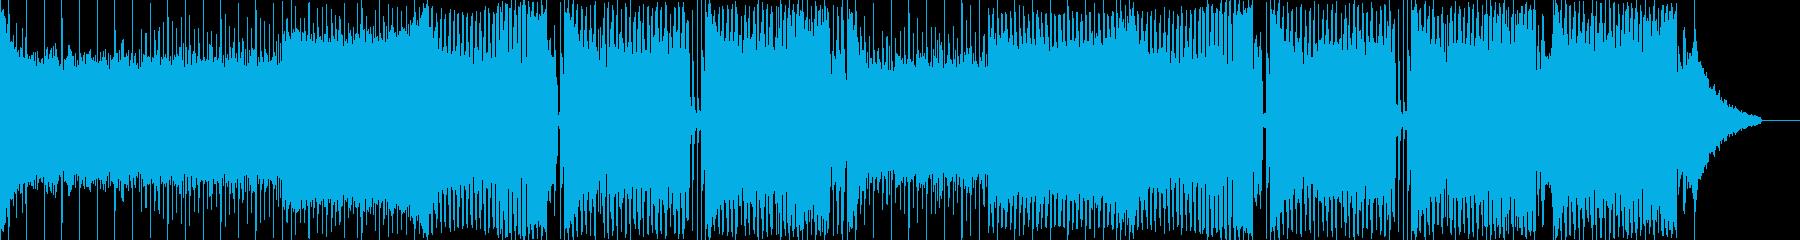 EDM定番の売れ線ハウス系&派手でクールの再生済みの波形